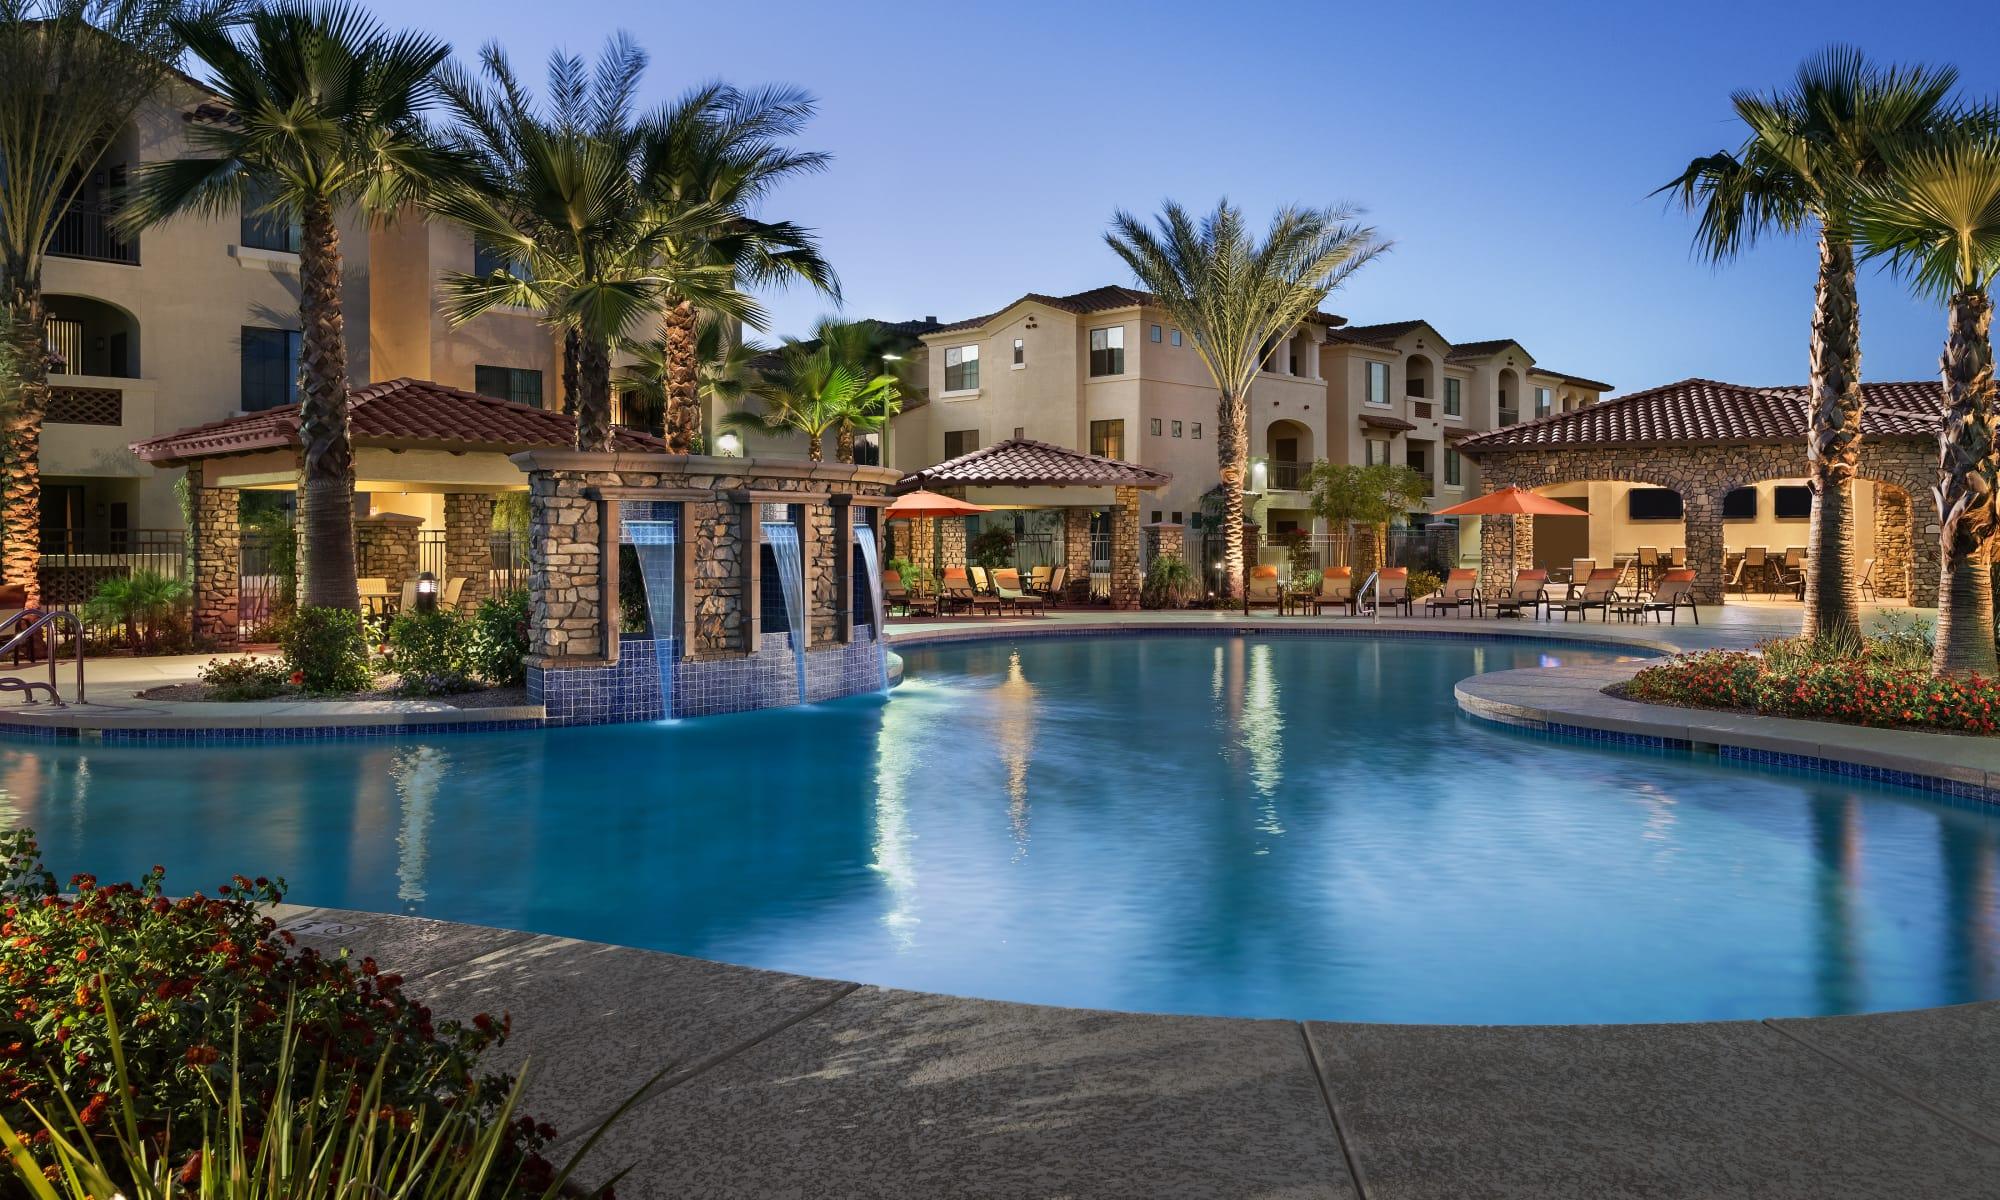 Apartments at San Valencia in Chandler, Arizona